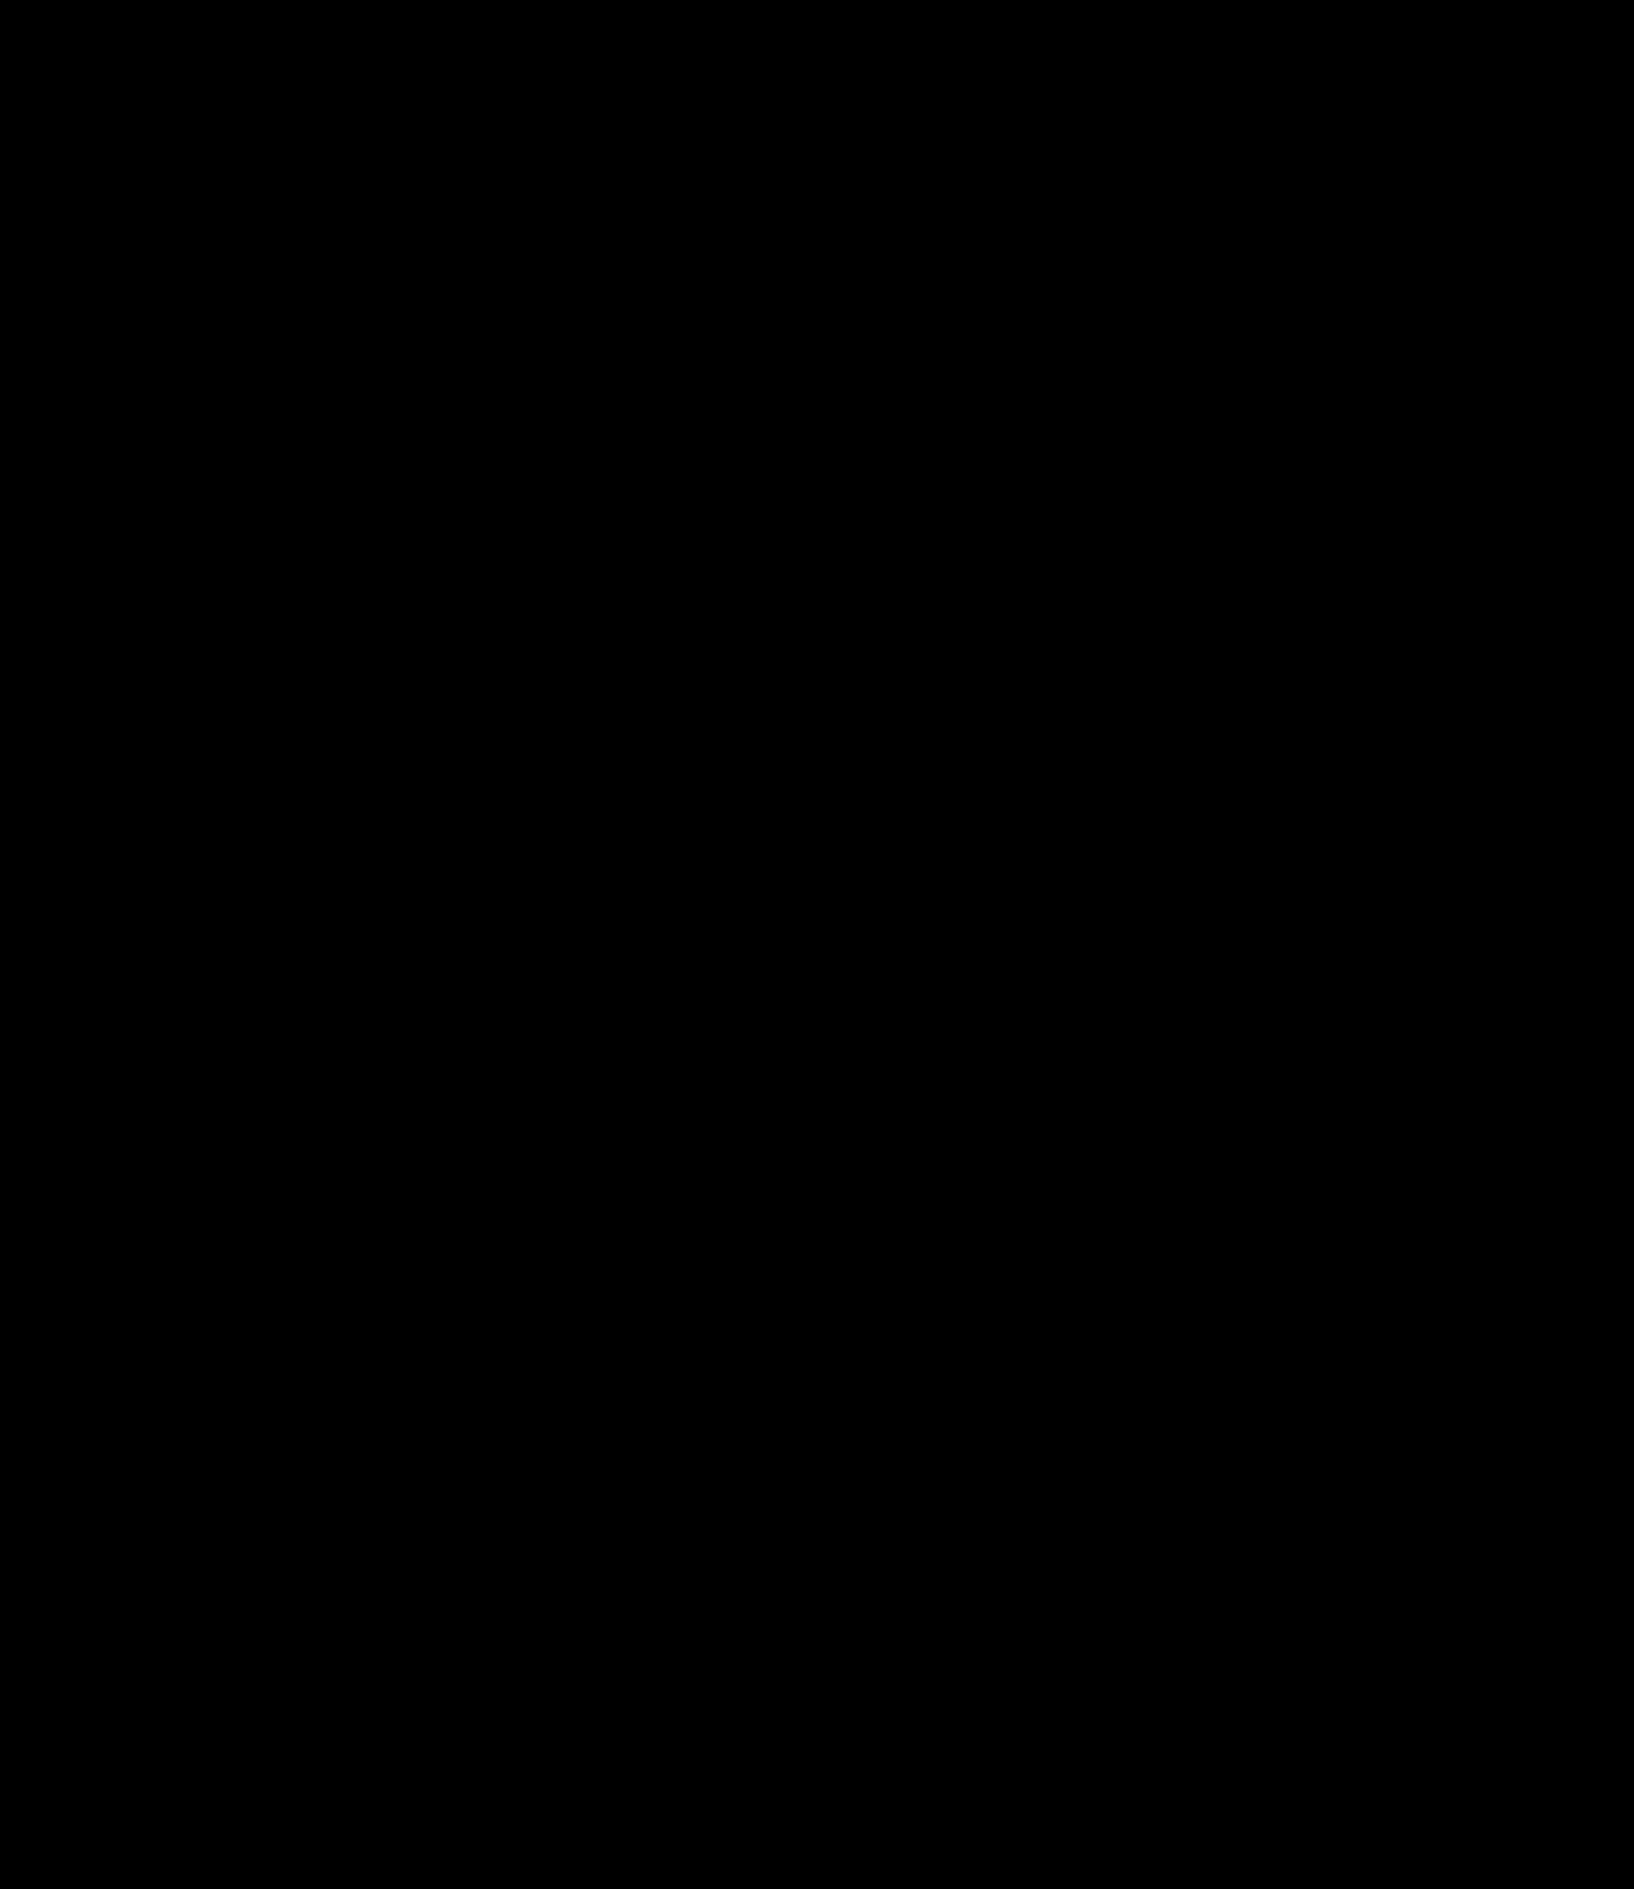 大悲咒梵文罗马拼音汉文音译对照完整84句图片